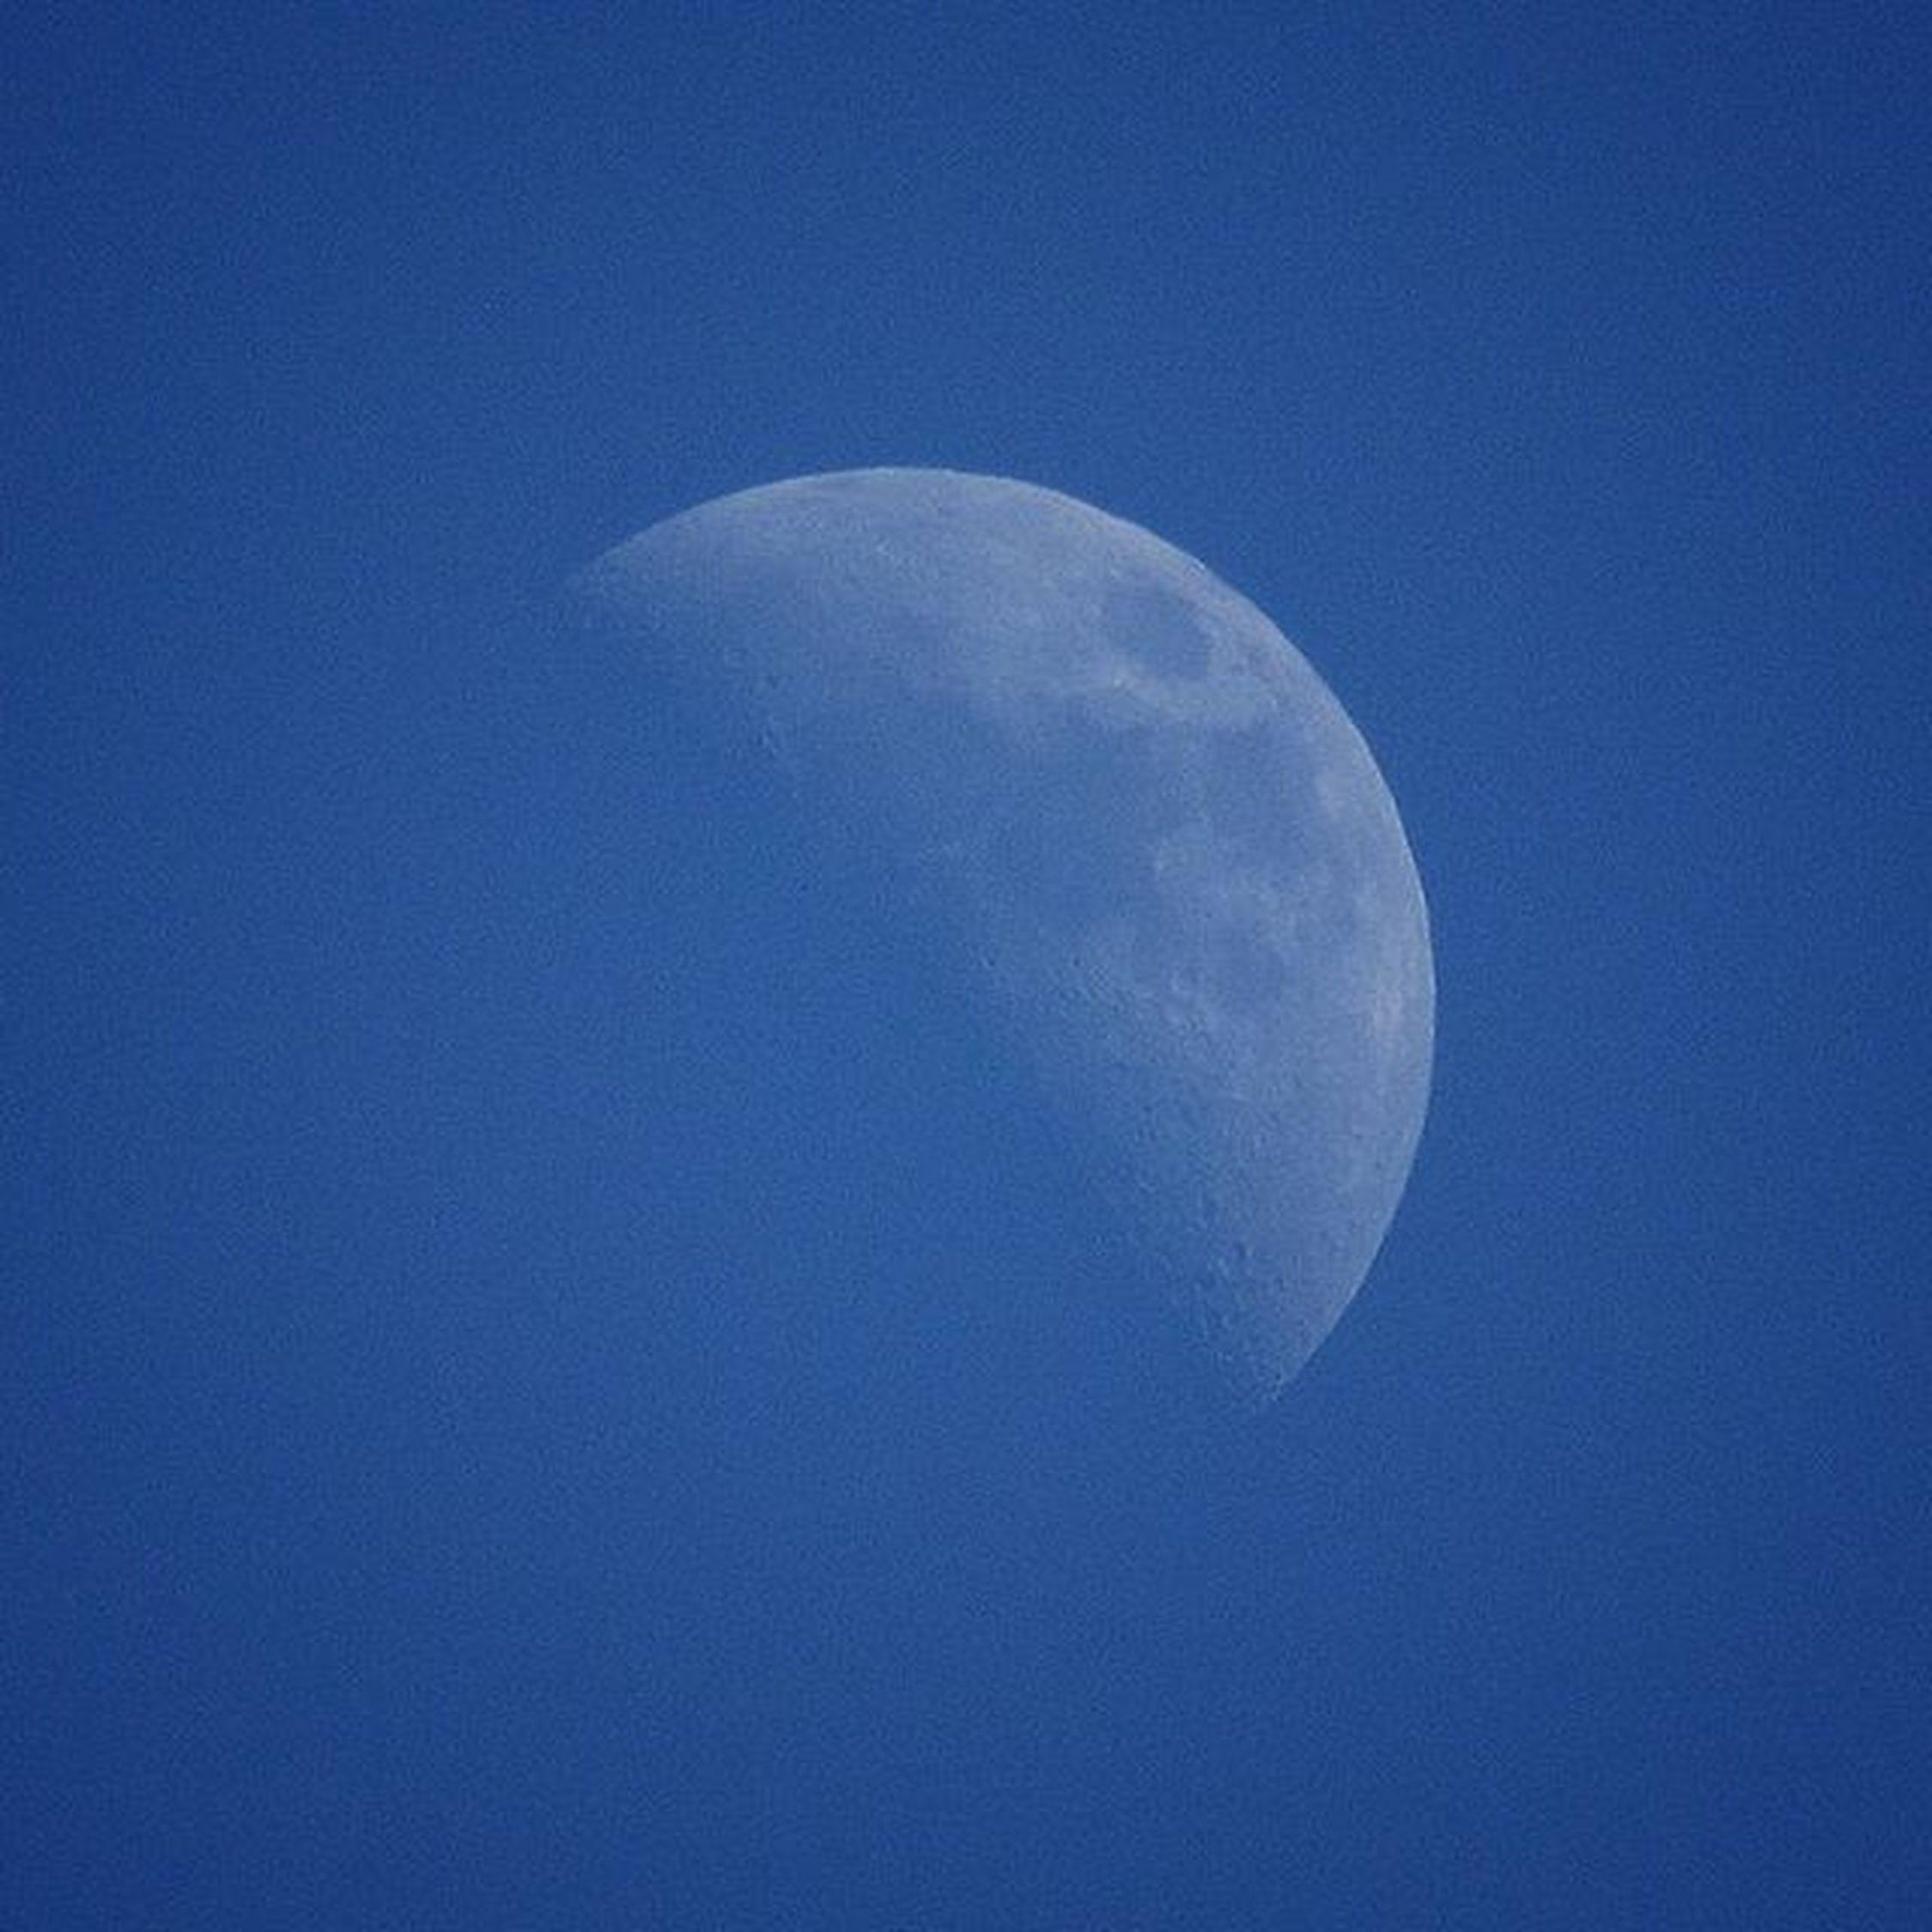 Aunque des todo por perdido, siempre hay motivos para pensar que hay cosas donde creías que sería imposible... 😀 Moon Moonatday Canon Shot Photography Sky Moonlight